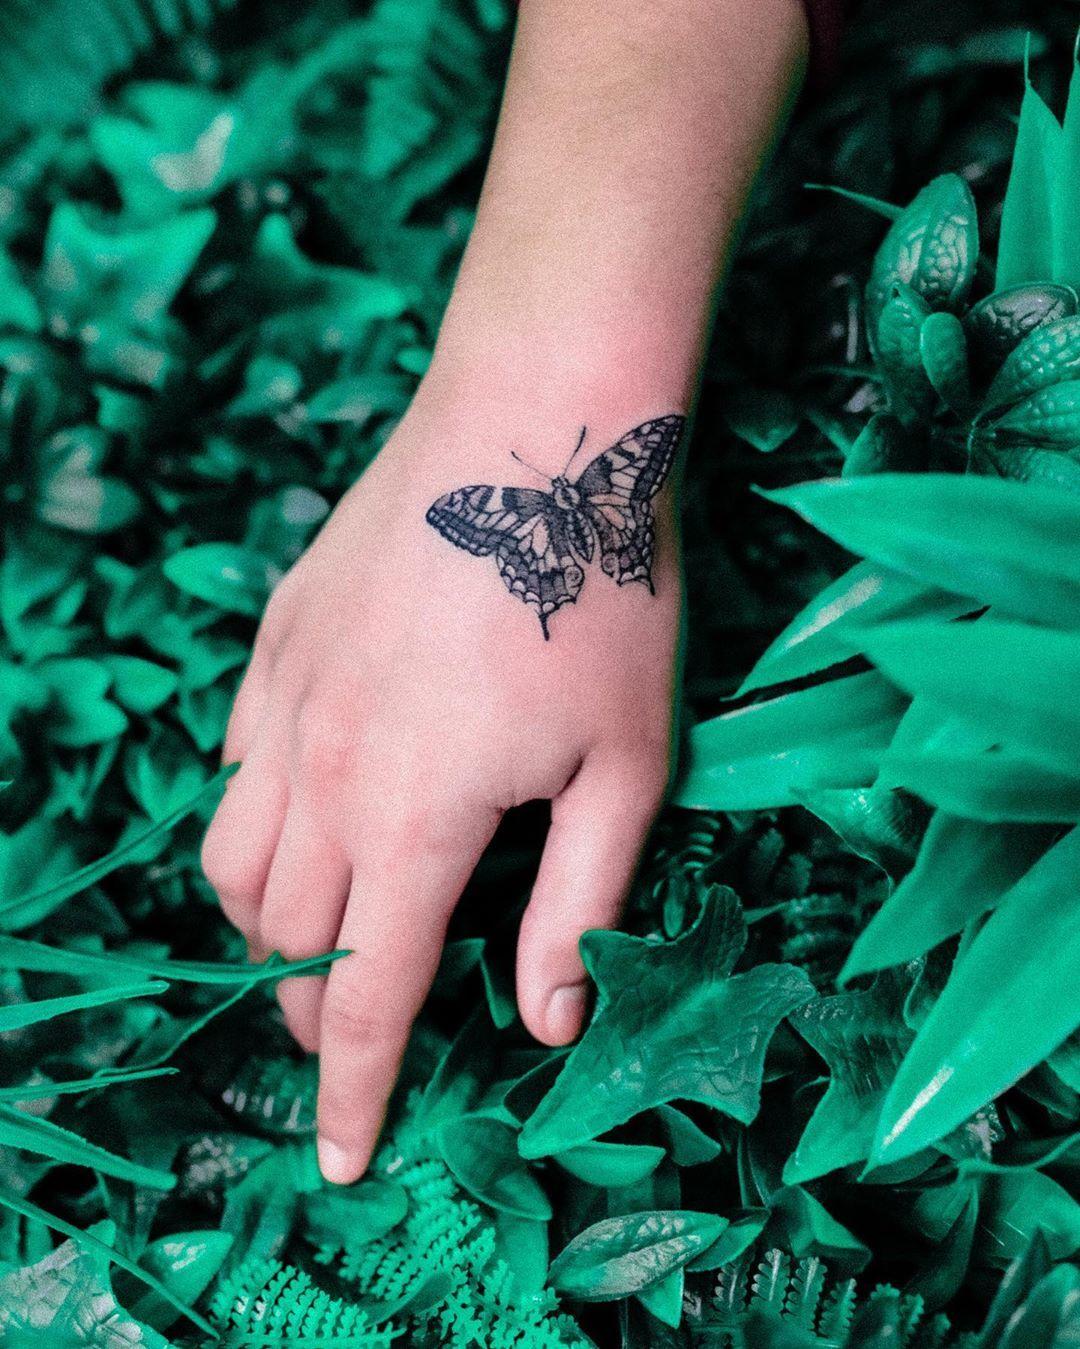 🦋🦋🦋 📸 @matkoboska  #łódź#łdz#eudezet#offpiotrkowska#tattoo#illustrationblackworkers#blackwork#tattrx#darkartists#polishgirl#inkstinctsubmission#inkedmag#taot#tatts#tattooed#tattoodo#blackwork#equilattera#blacktattoomag#blacktartoo#tattoo#blacktattooart#blackworkerssubmission#wowtattoo#onlyblackart#blxckink#theartoftattoos#polandtattoos#balmtattoopolska